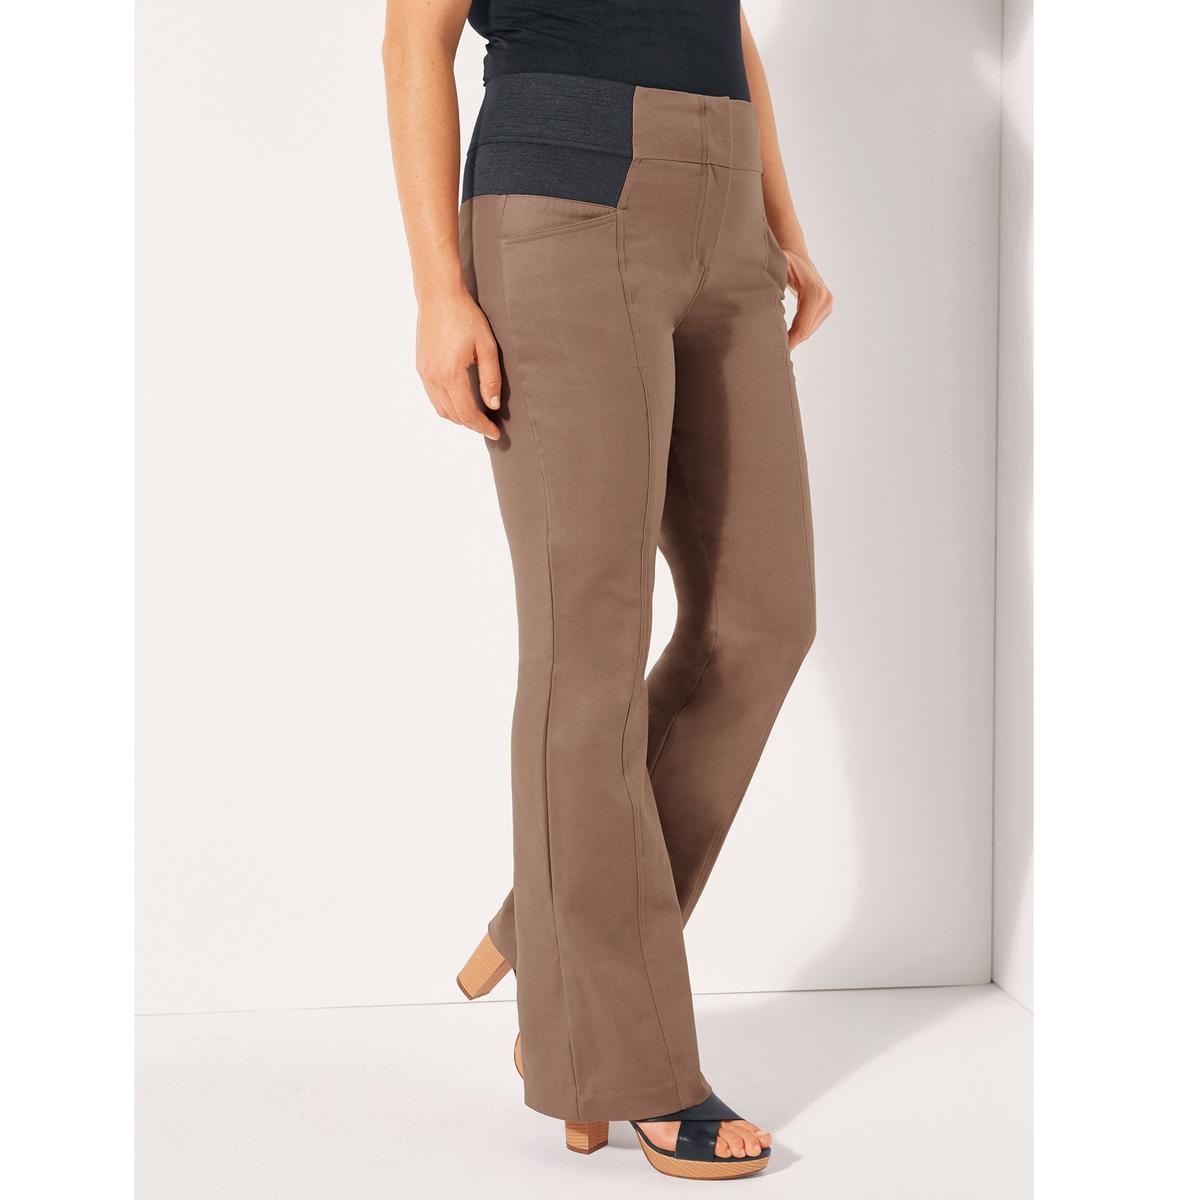 Брюки буткатТовар из коллекции больших размеров. Приятный материал, комфортный пояс… брюки, совершенствующие ваш силуэт! Еще более облегающий, комфортный и тянущийся материал, 97% хлопка и 3% эластана. Брюки не мнутся и прекрасно сидят. Высокий ультракомфортный пояс с 2 большими эластичными вставками по бокам моделирует силуэт и обеспечивает прекрасную посадку брюк. Застежка на молнию и крючок. Карманы спереди. Хитрость: швы спереди стройнят ноги! Длина по внутр.шву 78 см, ширина по низу 25 см. См.таблицу размеров Taillissime.<br><br>Цвет: синий морской,черный<br>Размер: 50 (FR) - 56 (RUS).46 (FR) - 52 (RUS).52 (FR) - 58 (RUS).62 (FR) - 68 (RUS).44 (FR) - 50 (RUS).42 (FR) - 48 (RUS).56 (FR) - 62 (RUS).52 (FR) - 58 (RUS).62 (FR) - 68 (RUS).44 (FR) - 50 (RUS).56 (FR) - 62 (RUS).58 (FR) - 64 (RUS)